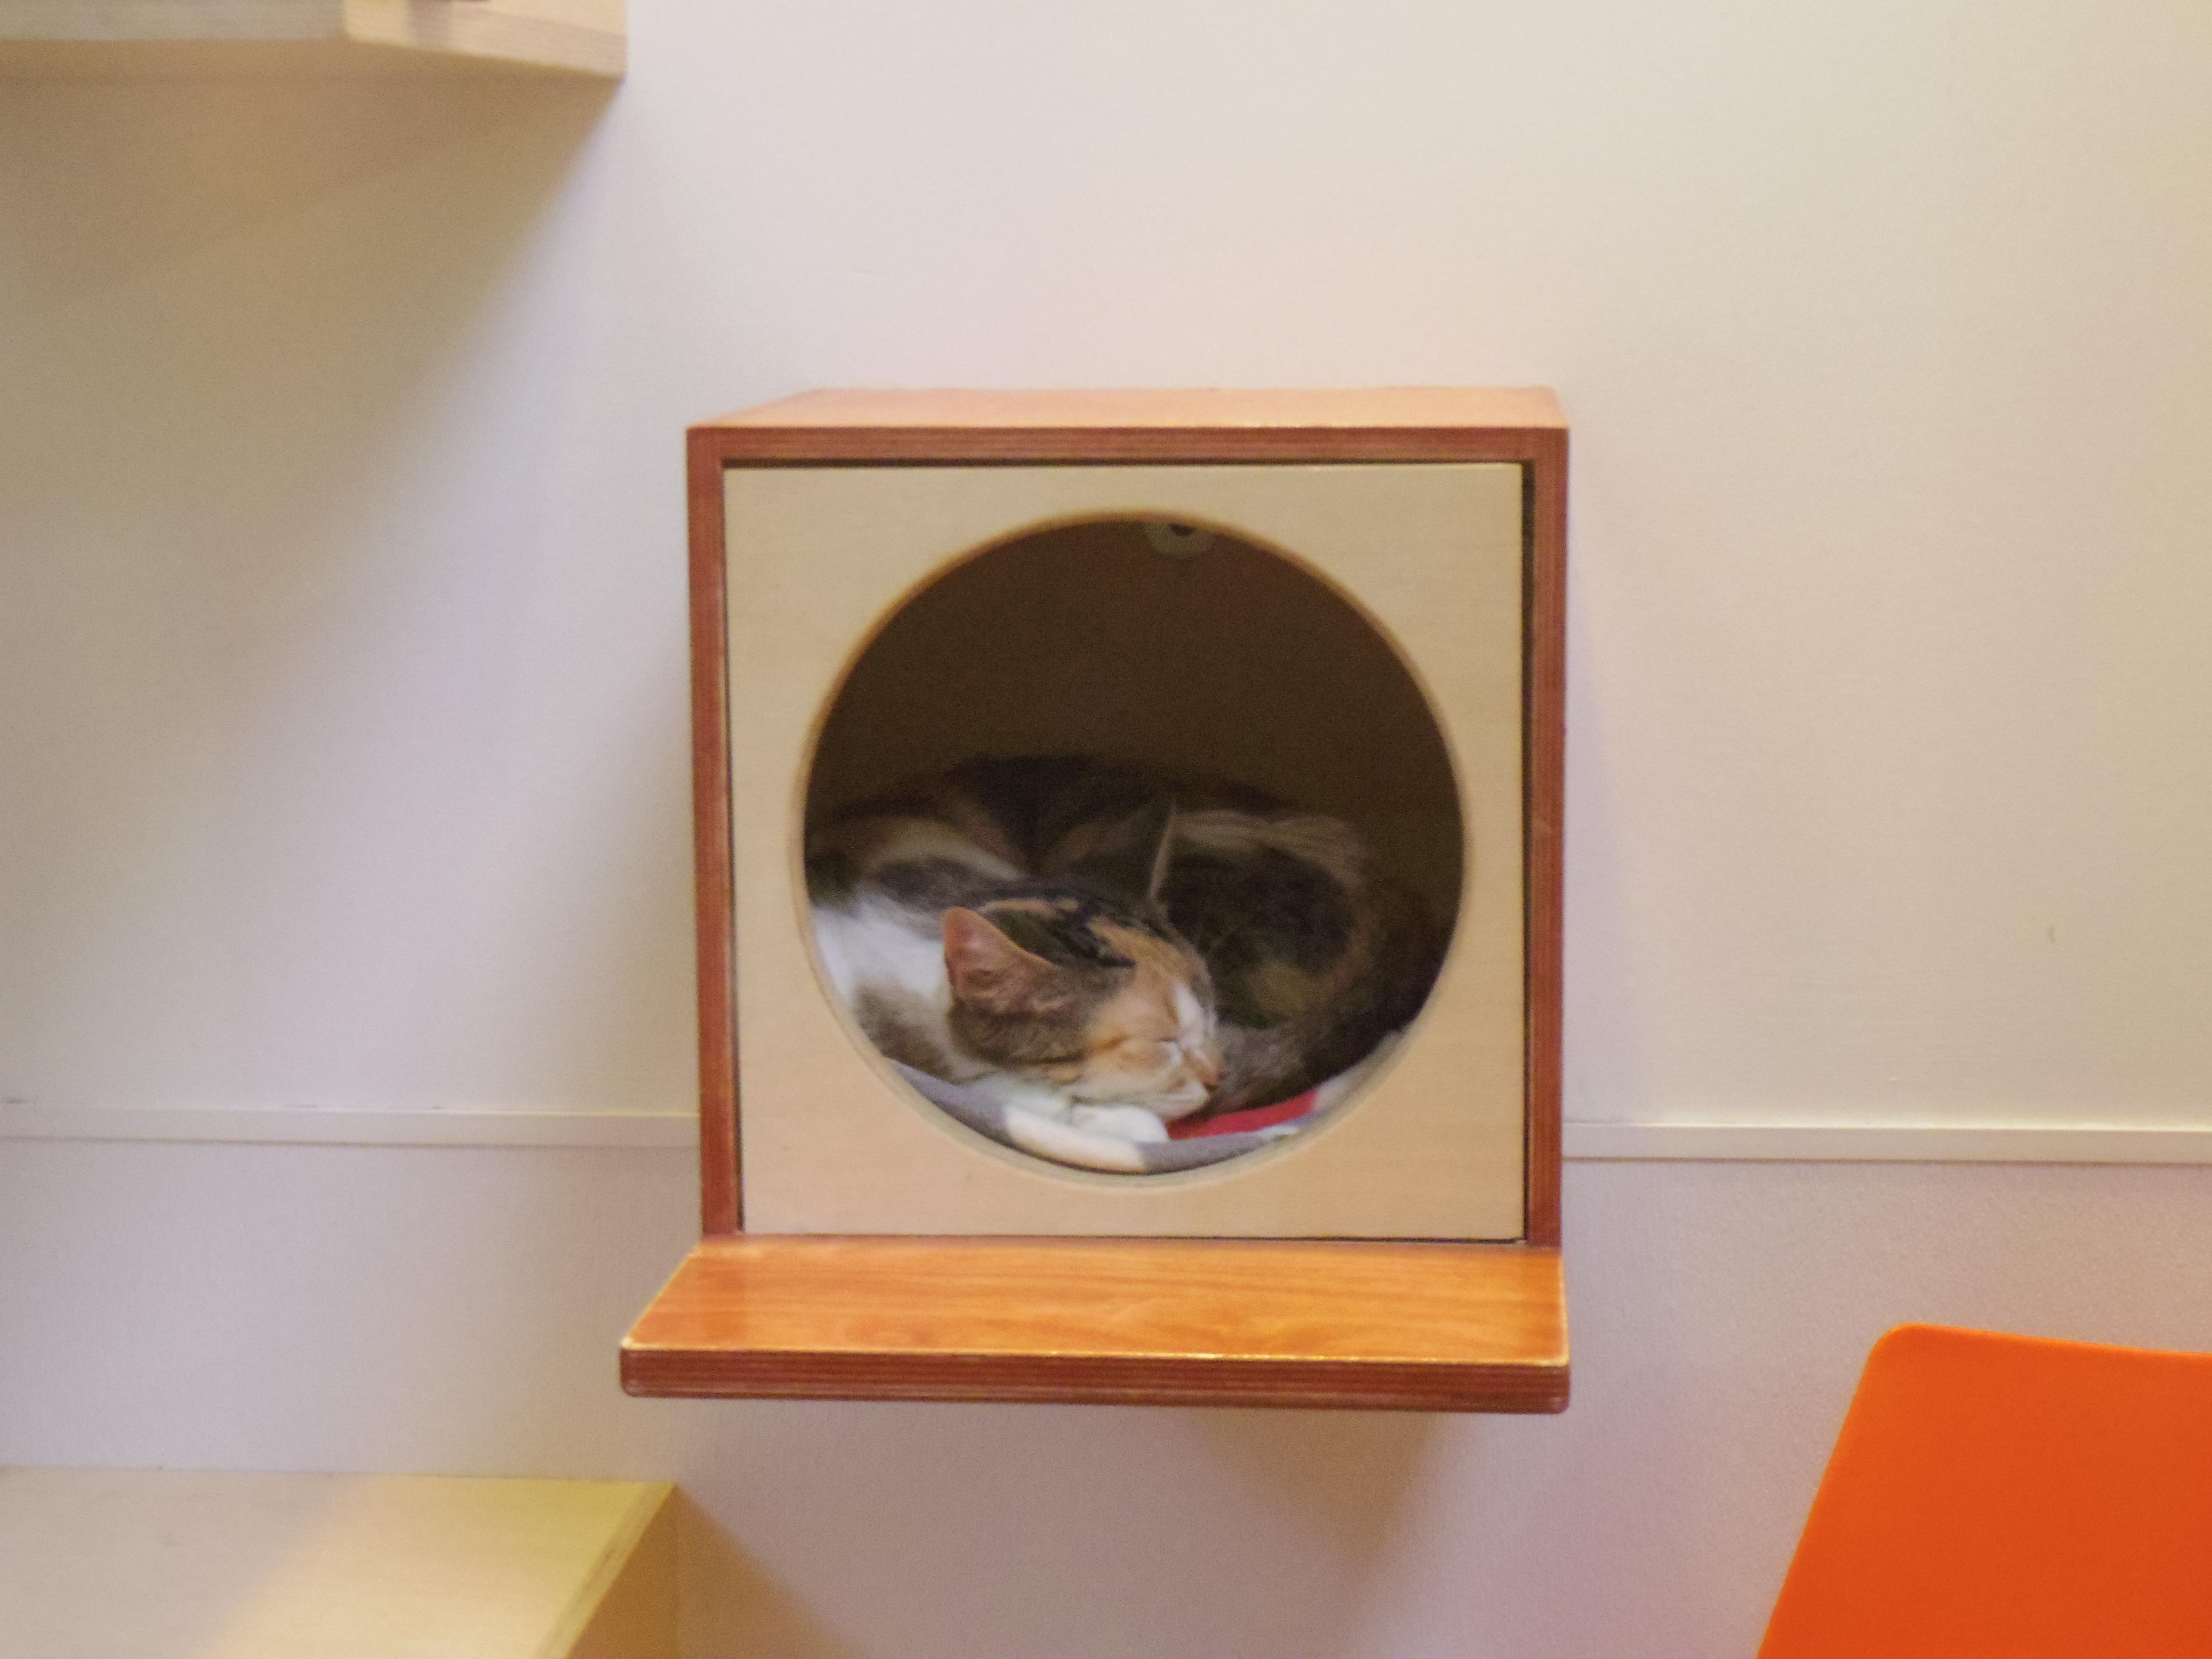 【アメリカの動物保護施設】サンフランシスコSPCAのHeightsシェルターを見学。